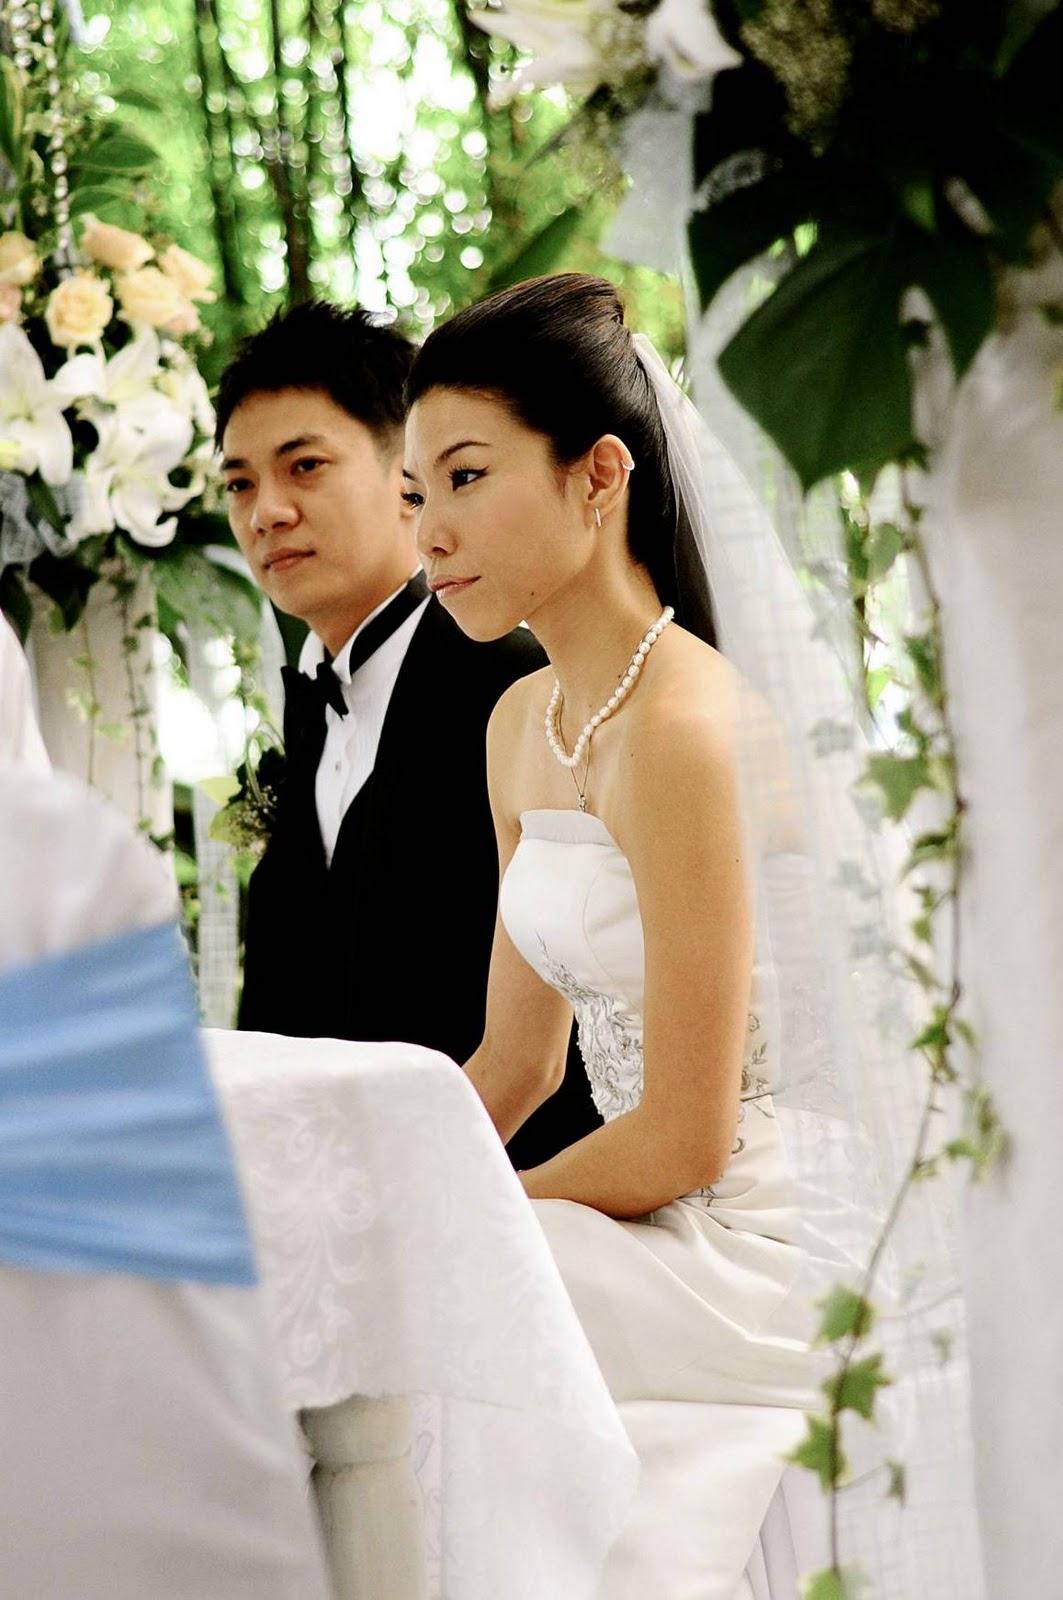 The Groom: Tham Tze Vun, 32